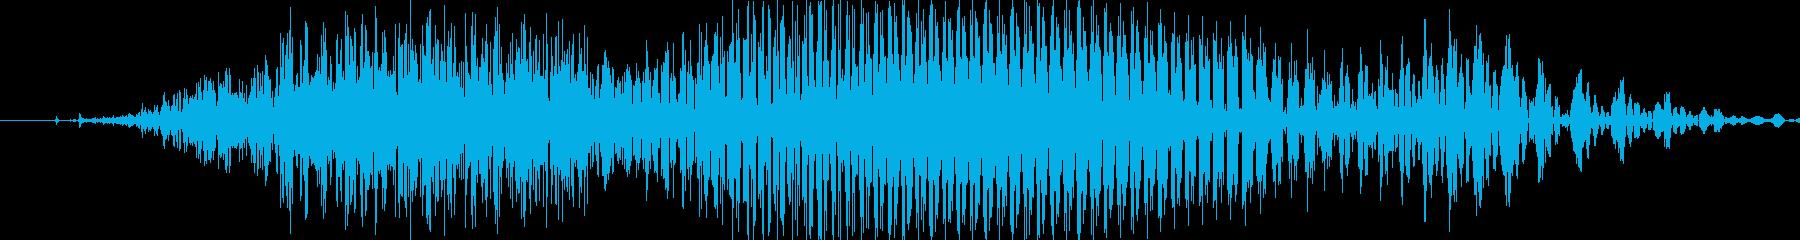 チーの再生済みの波形